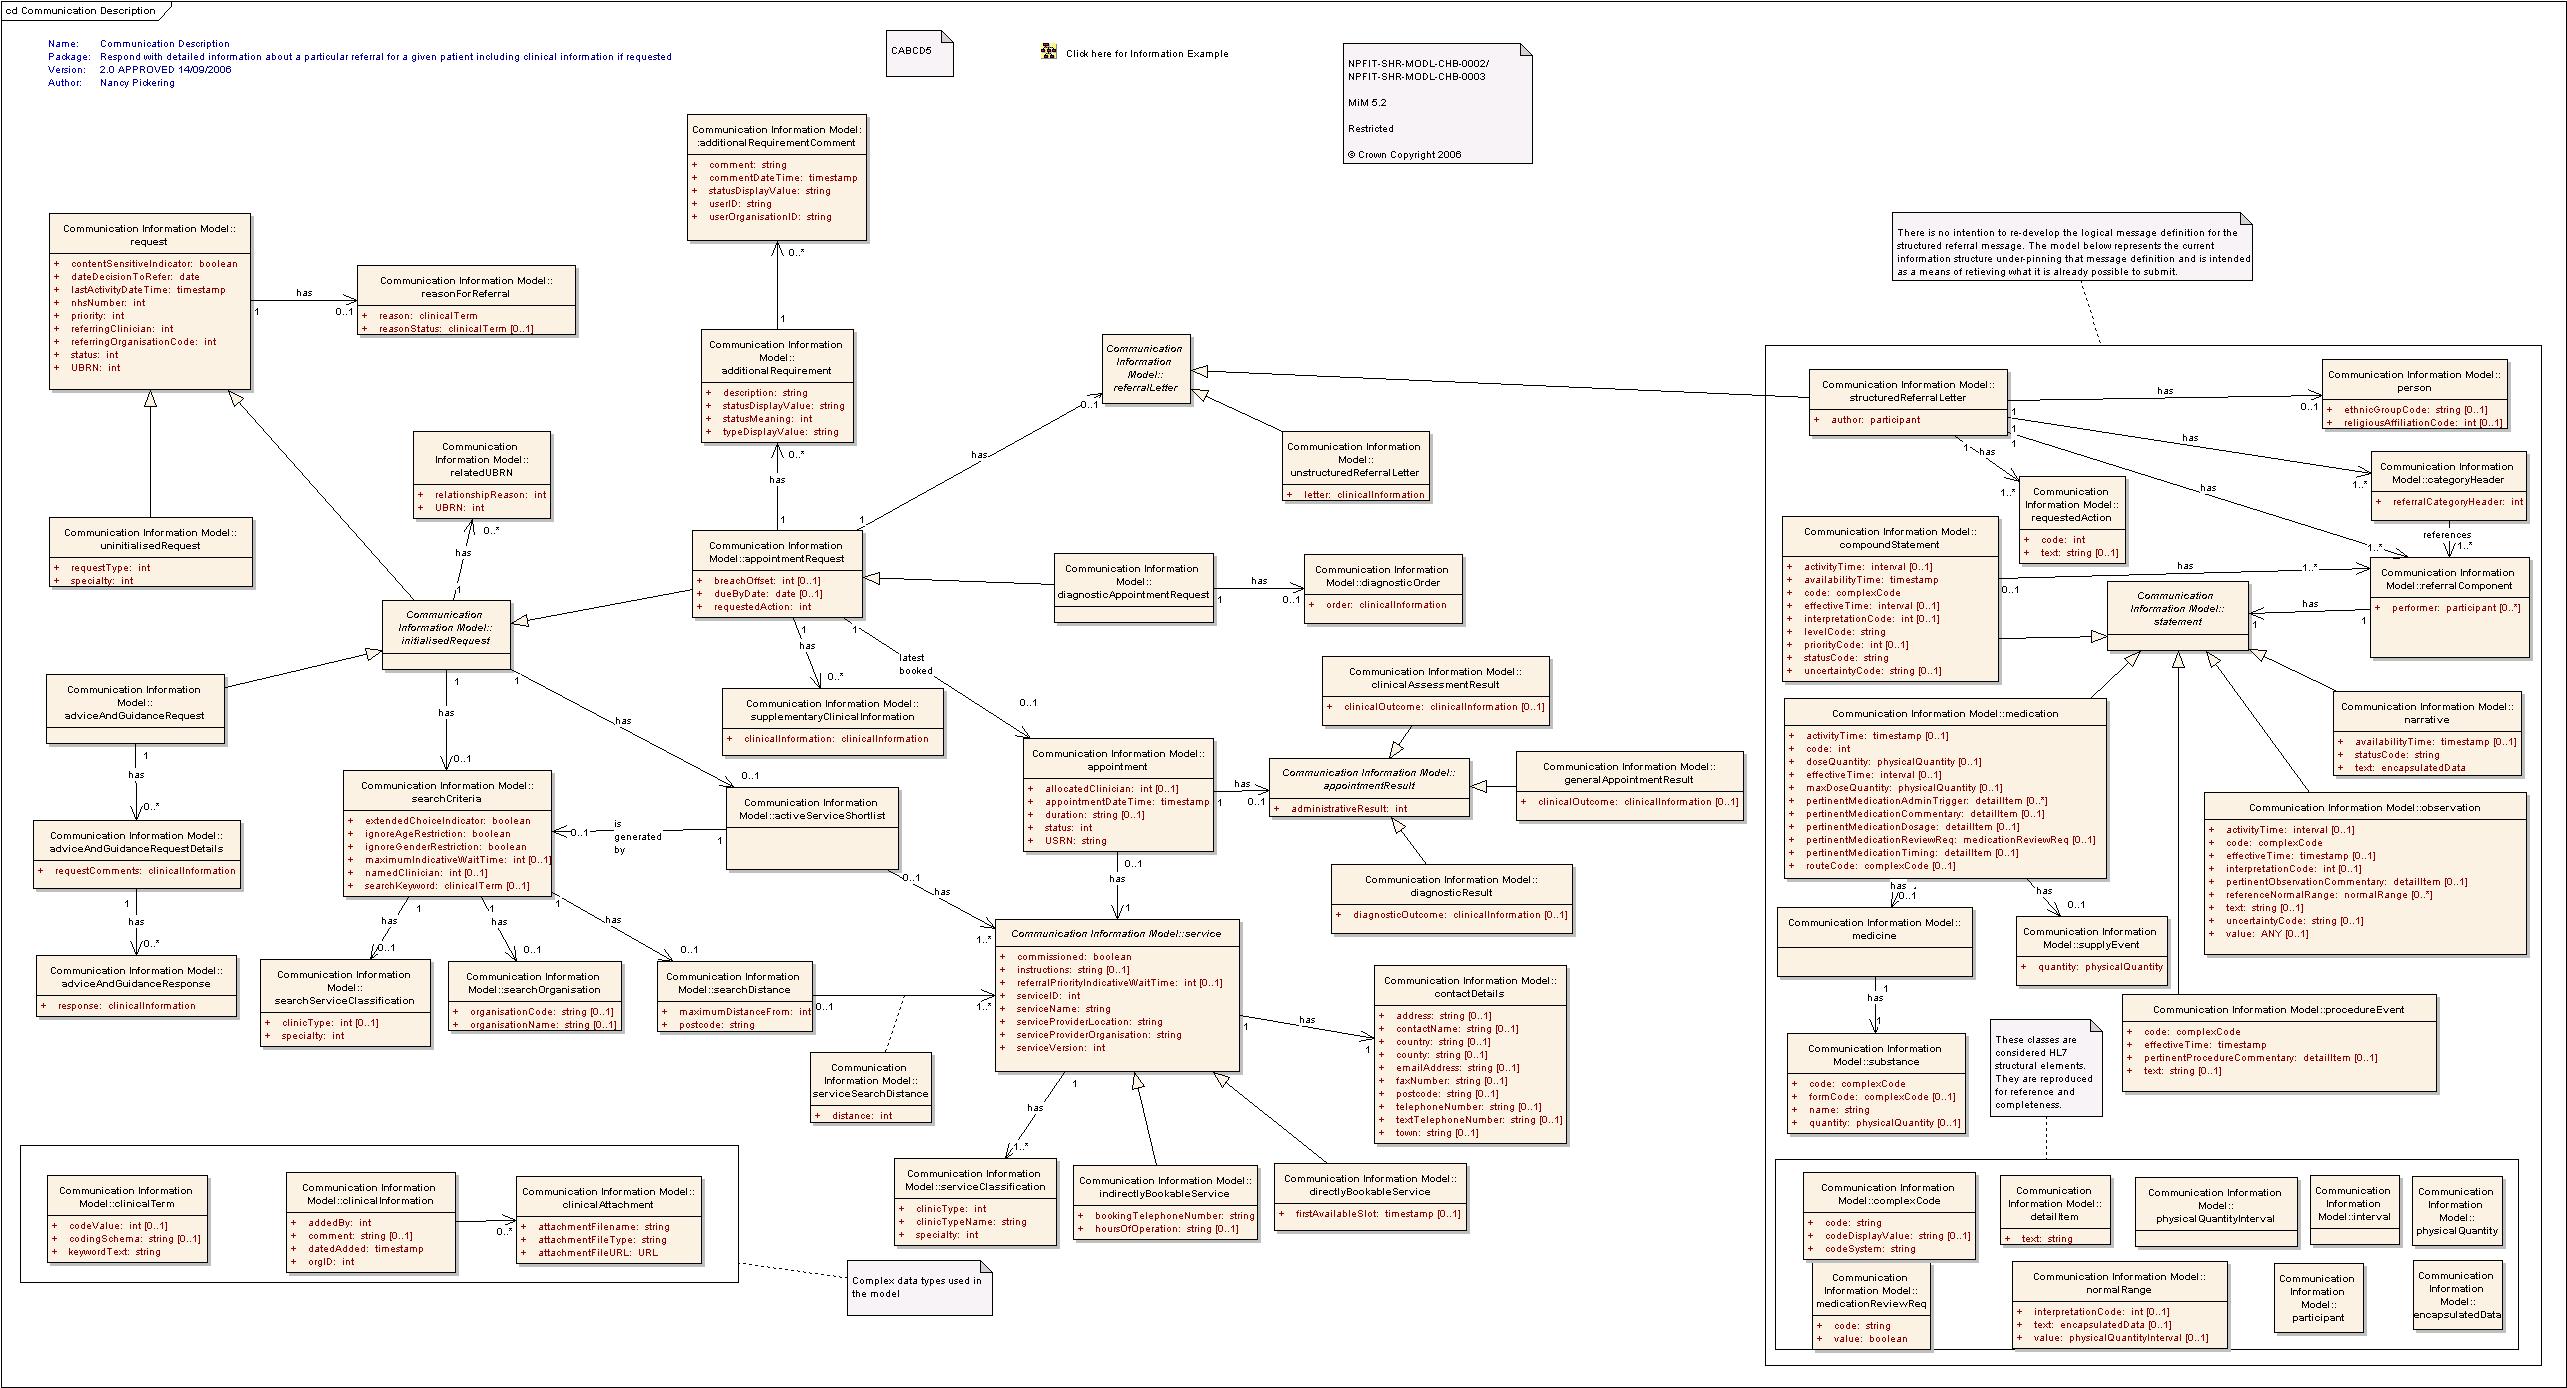 Communication description class diagram communication description ccuart Gallery